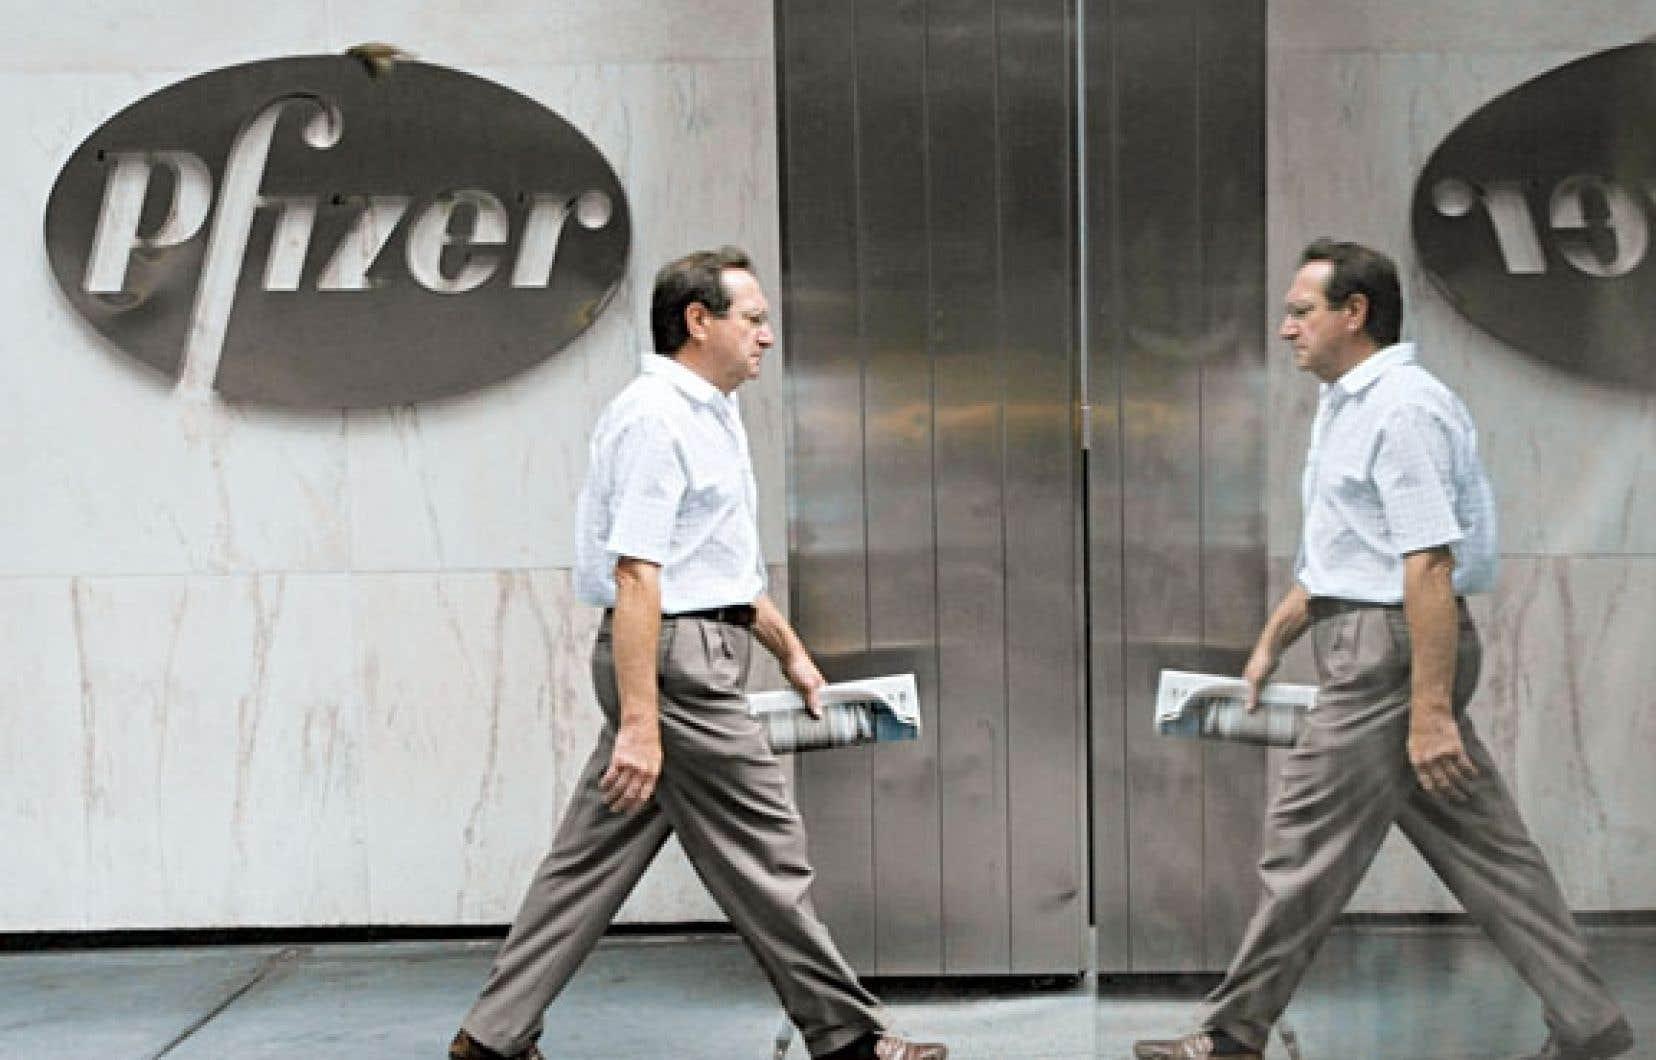 Le siège social de Pfizer à New York